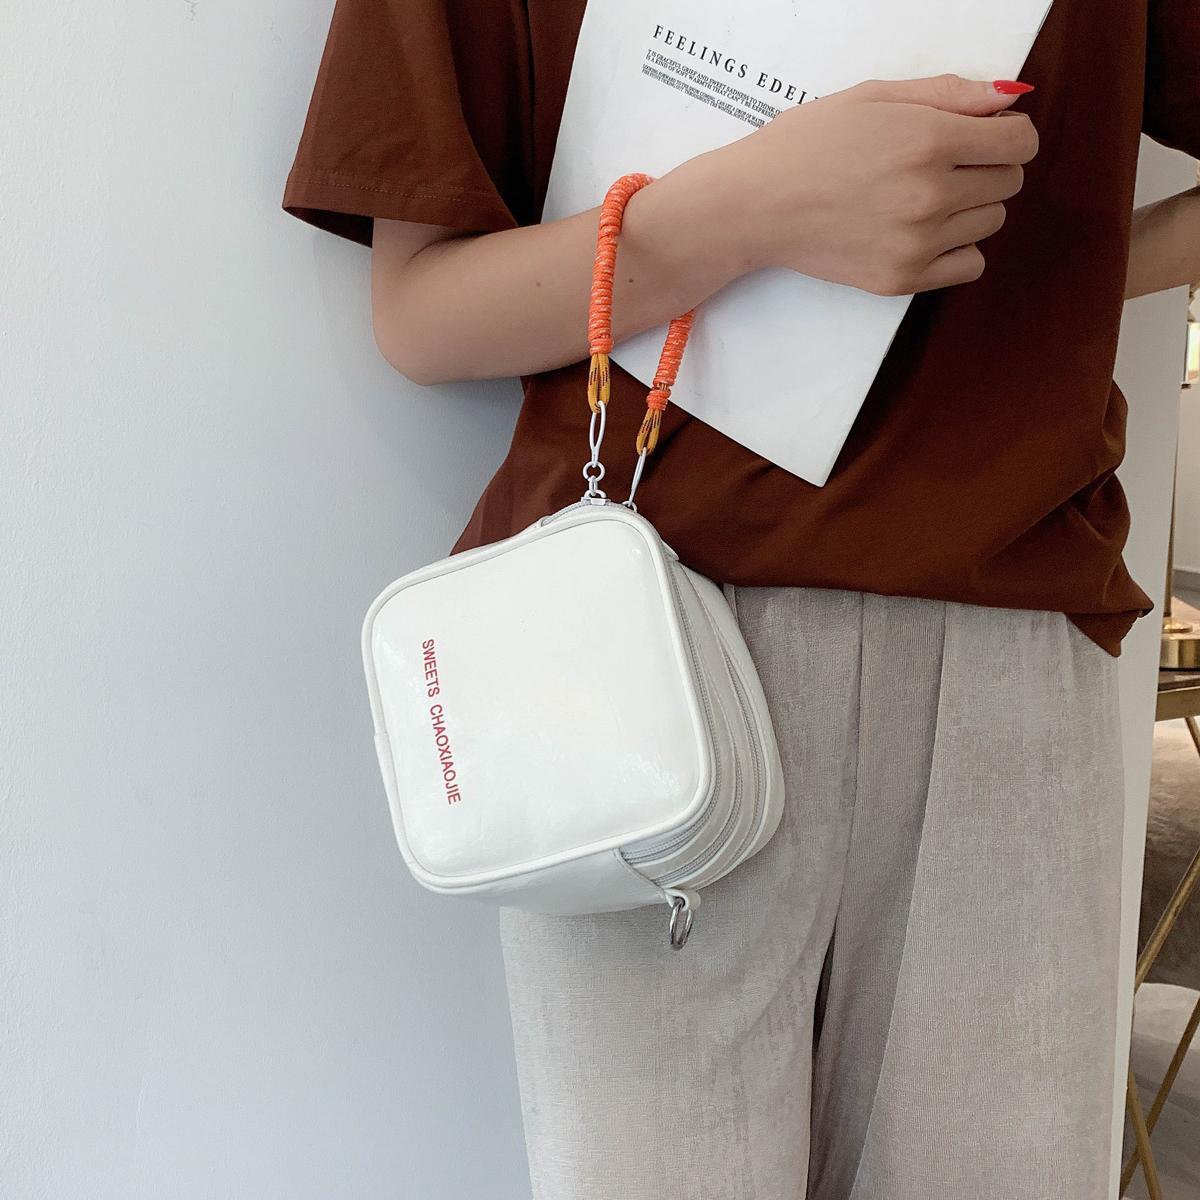 白色钱包 新加坡手拎包女小包包2020新款迷你零钱包女韩版斜挎包方块豆腐包_推荐淘宝好看的白色钱包